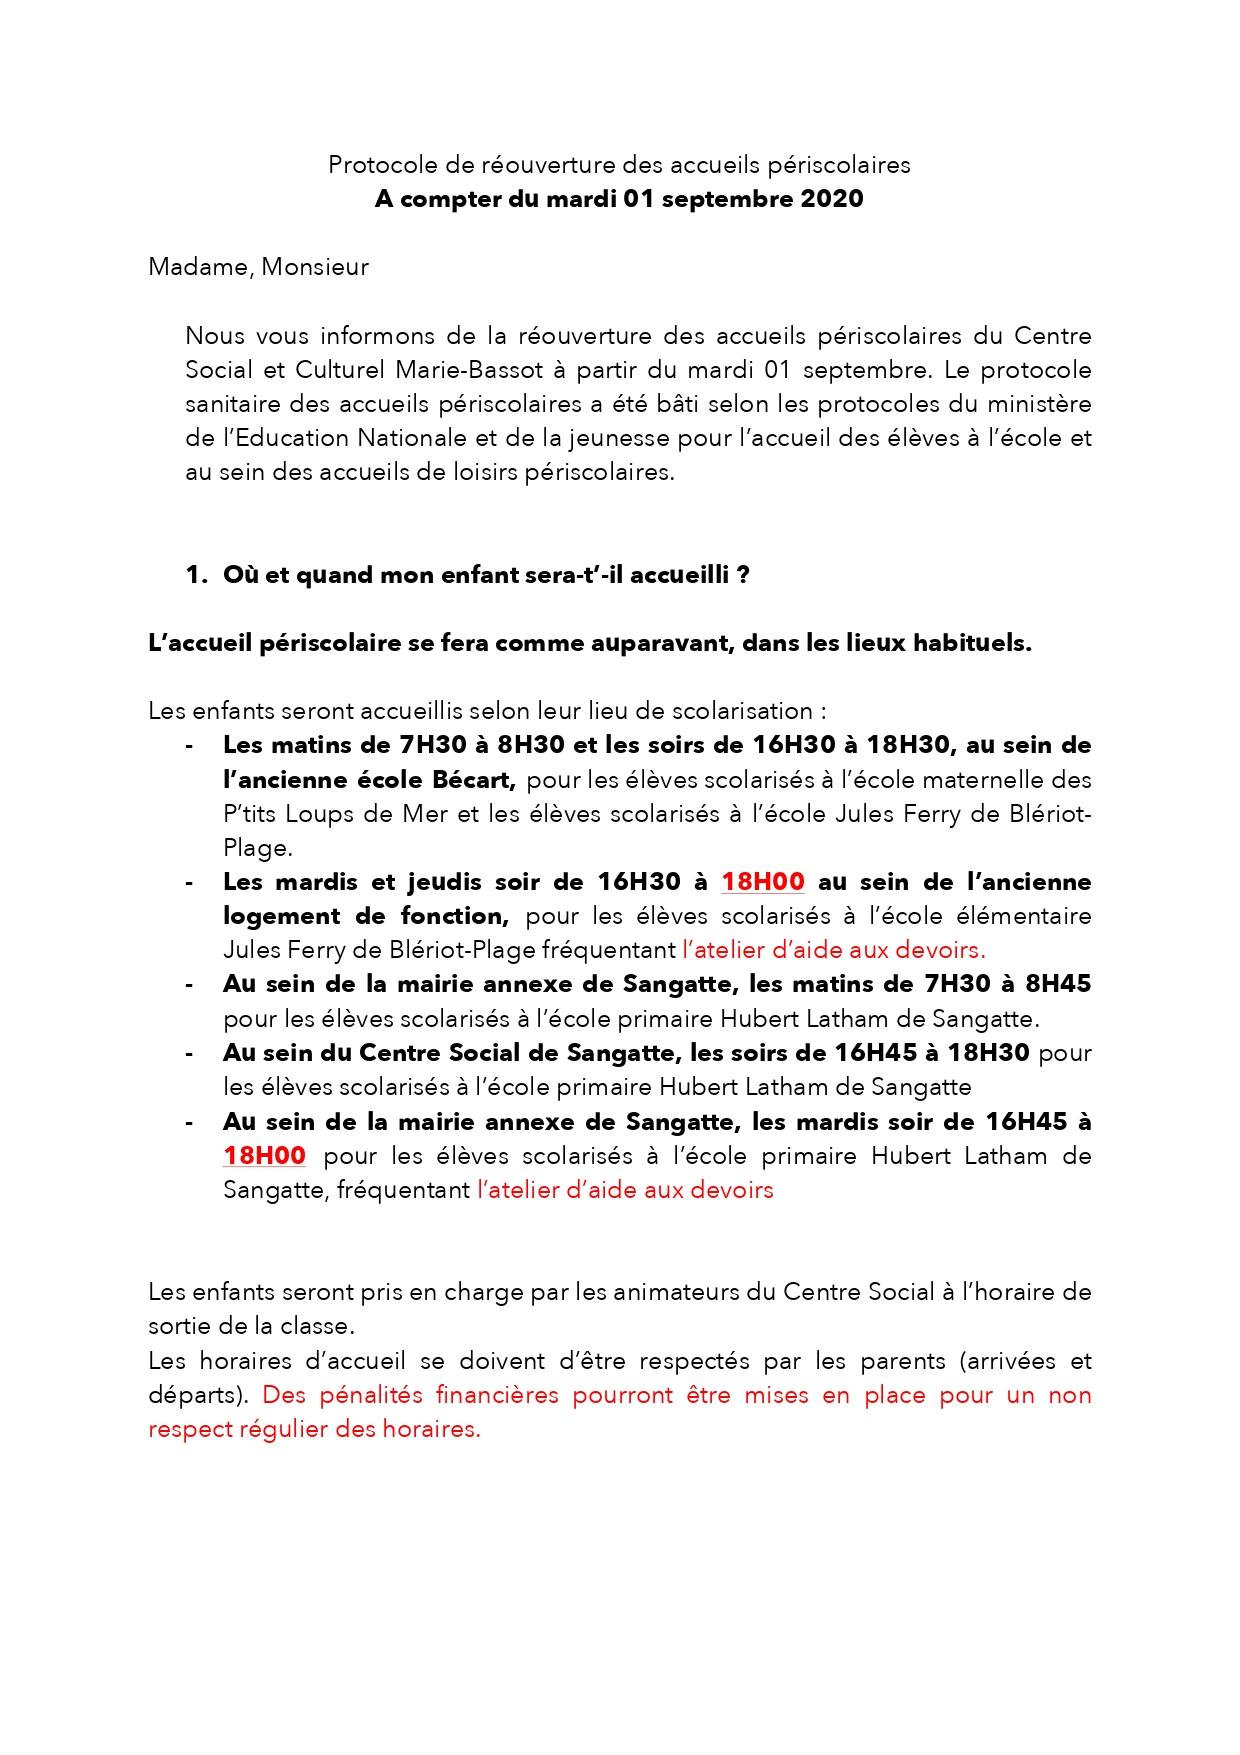 Protocole de réouverture des accueils périscolaires (matin et soir – sangatte et blériot)